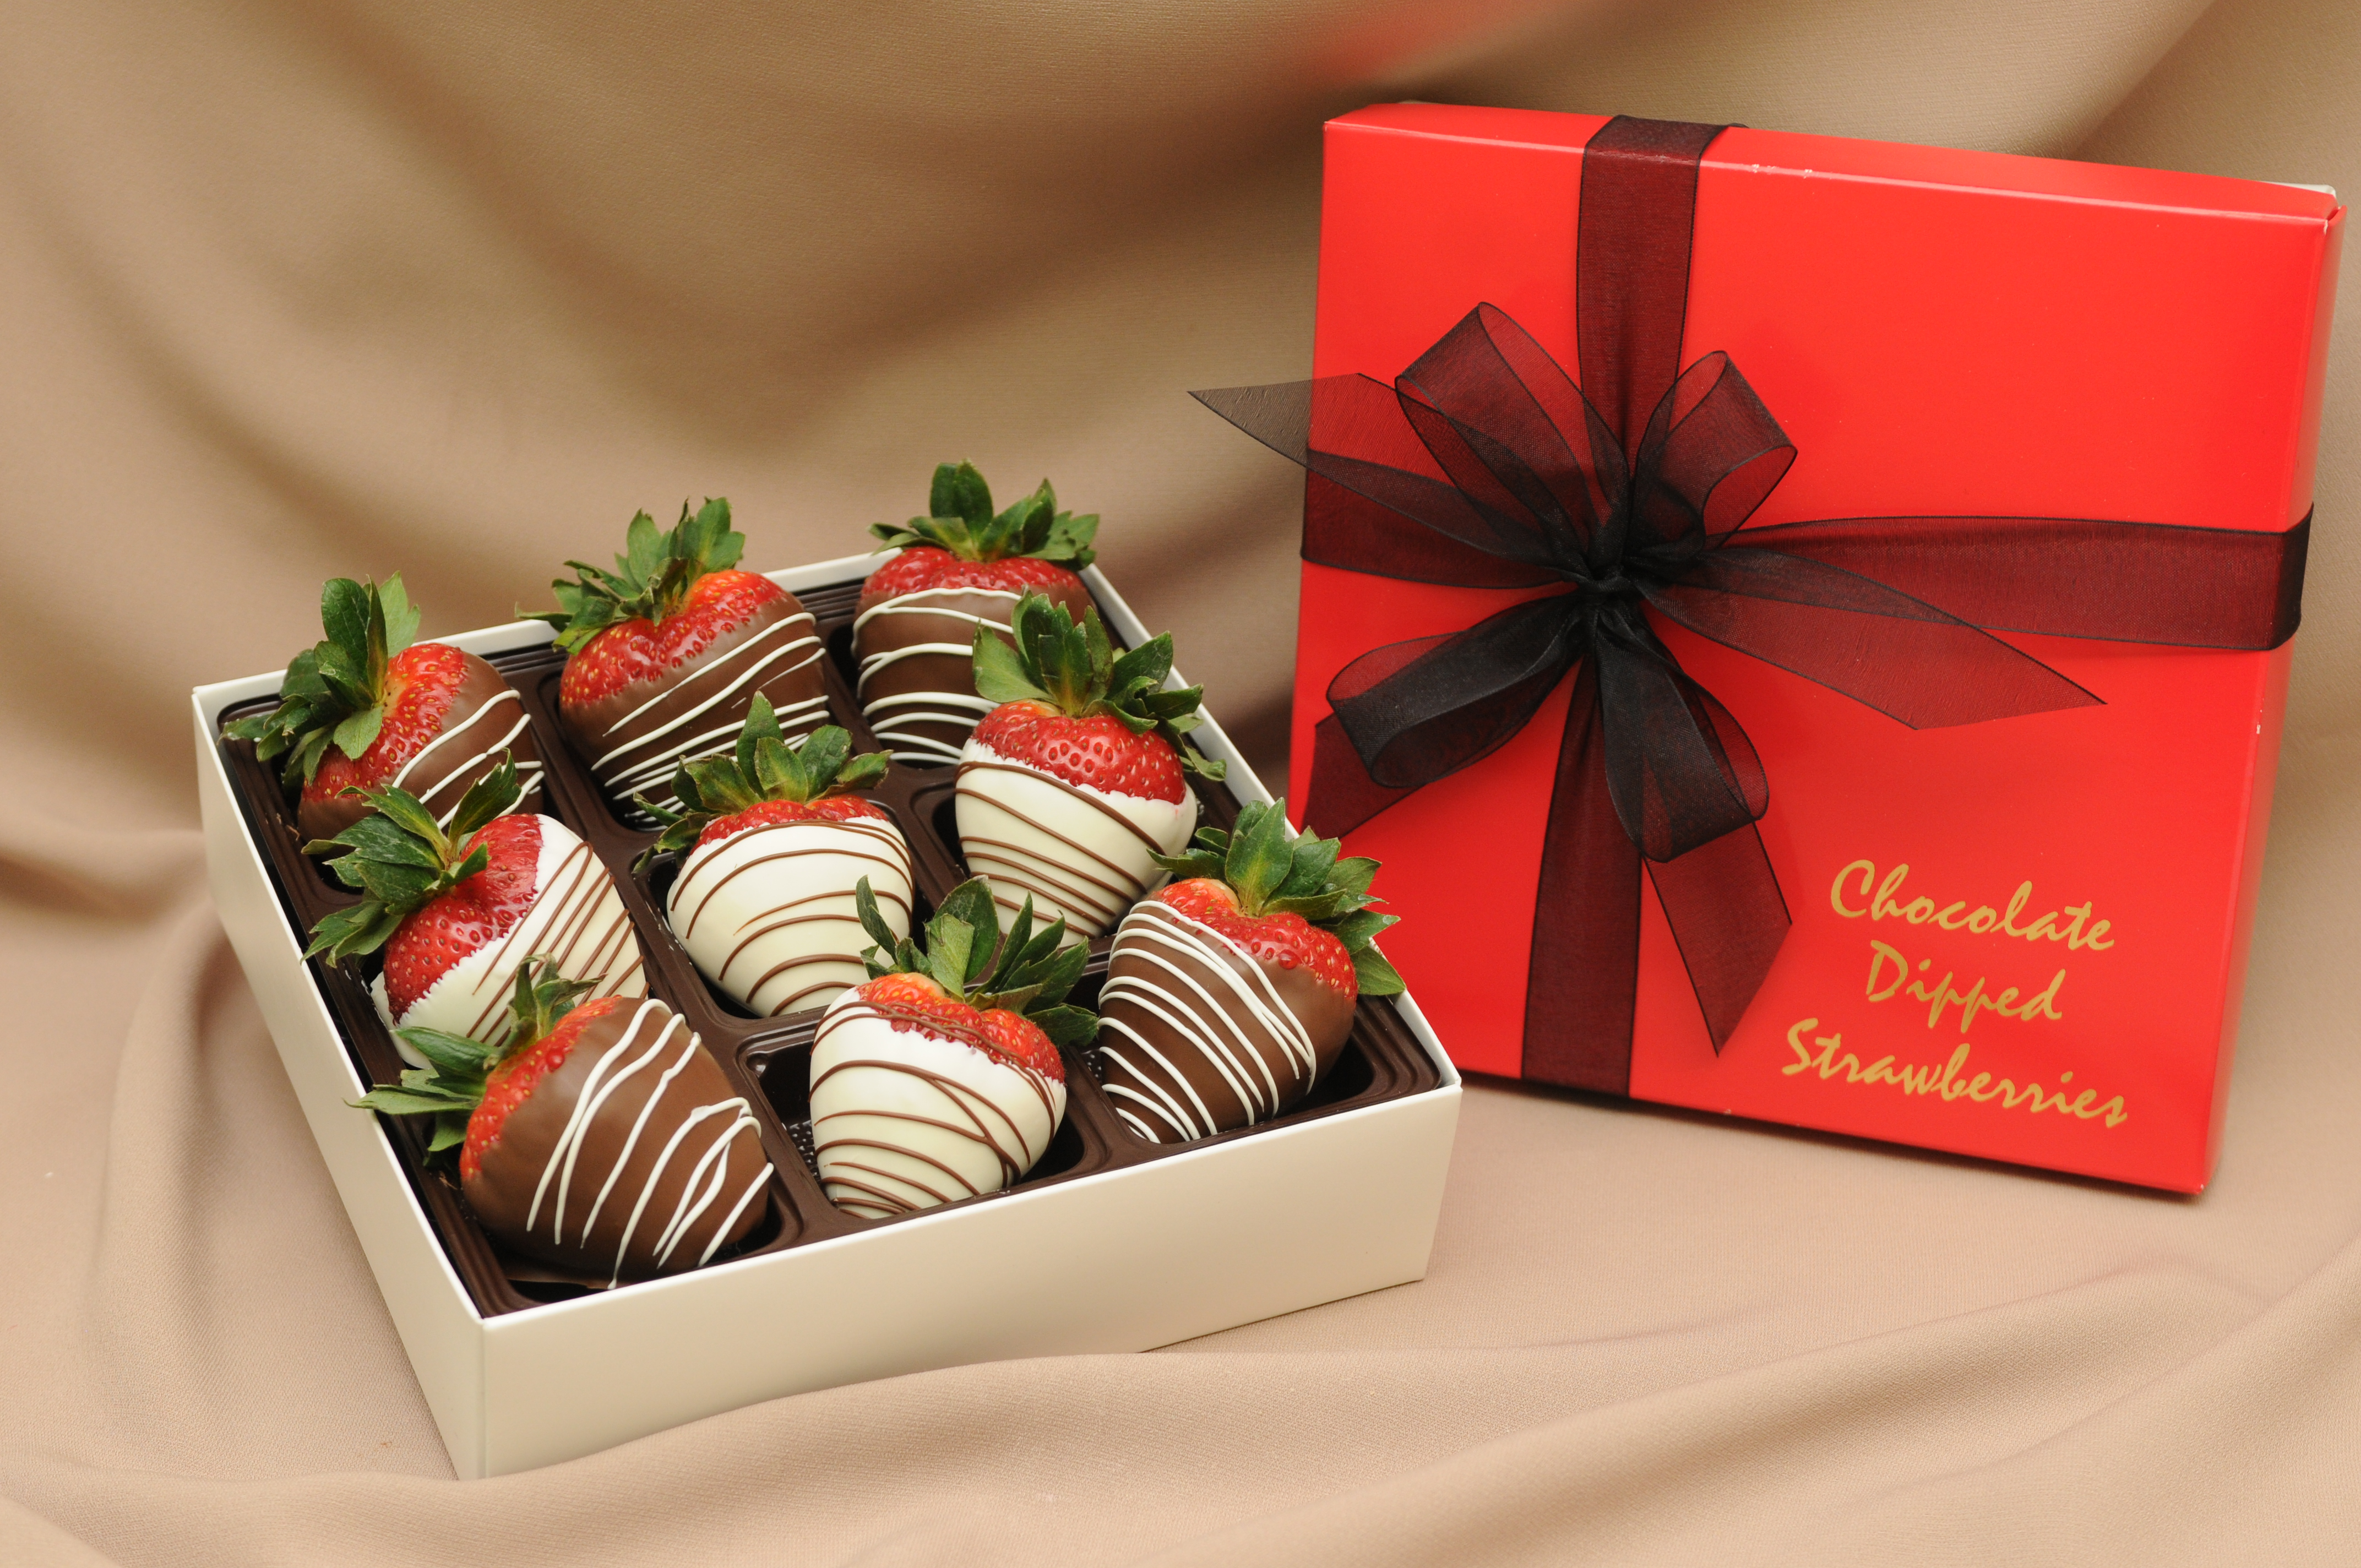 8170-chocolate-strawberries-gift-box.jpg